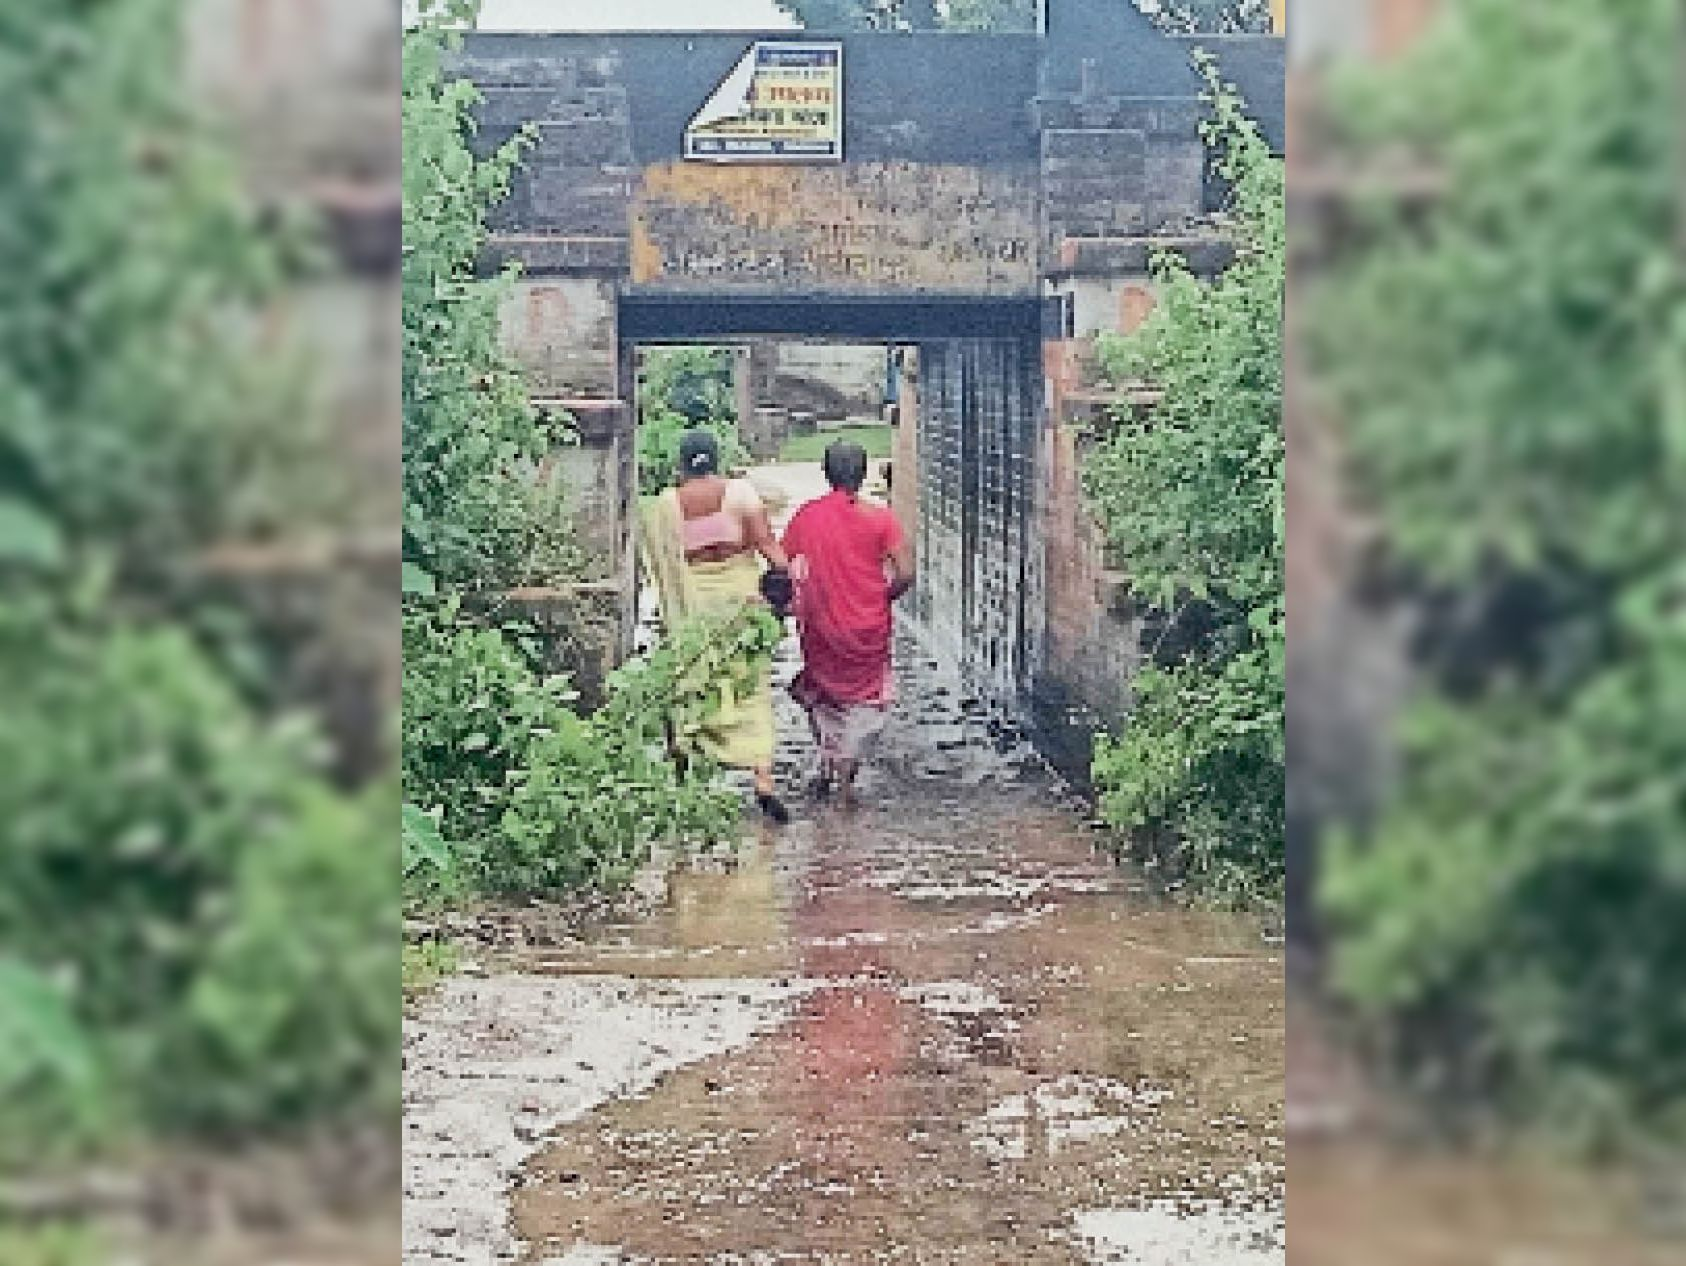 रेलवे पुलिया के नीचे जल जमाव। - Dainik Bhaskar